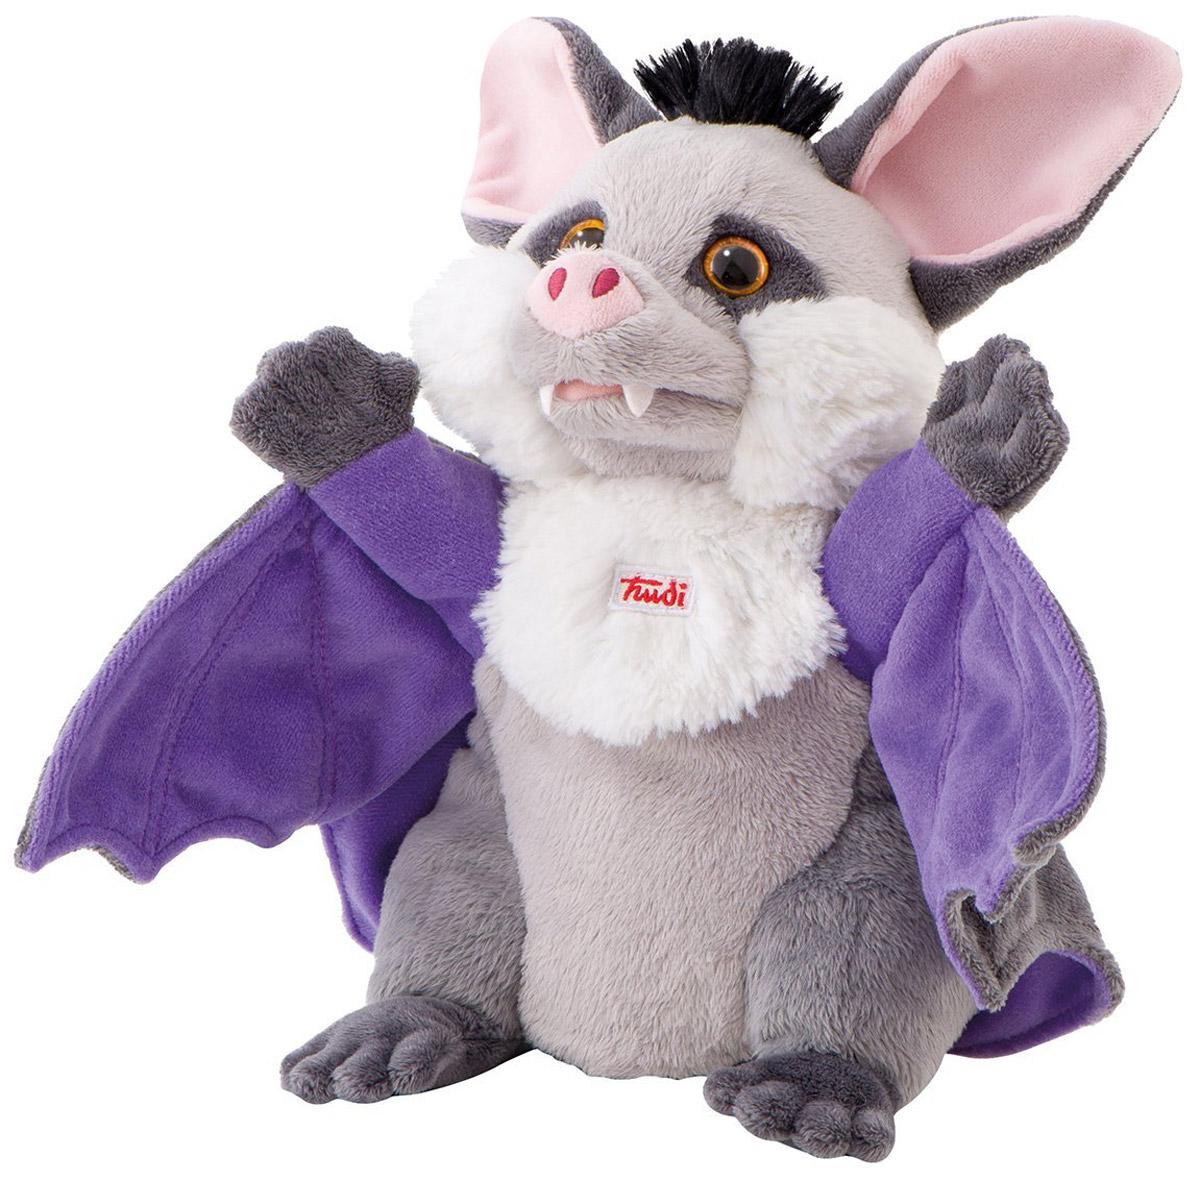 Trudi Мягкая игрушка на руку Летучая мышь 25 см мягкие игрушки trudi лайка маркус 34 см